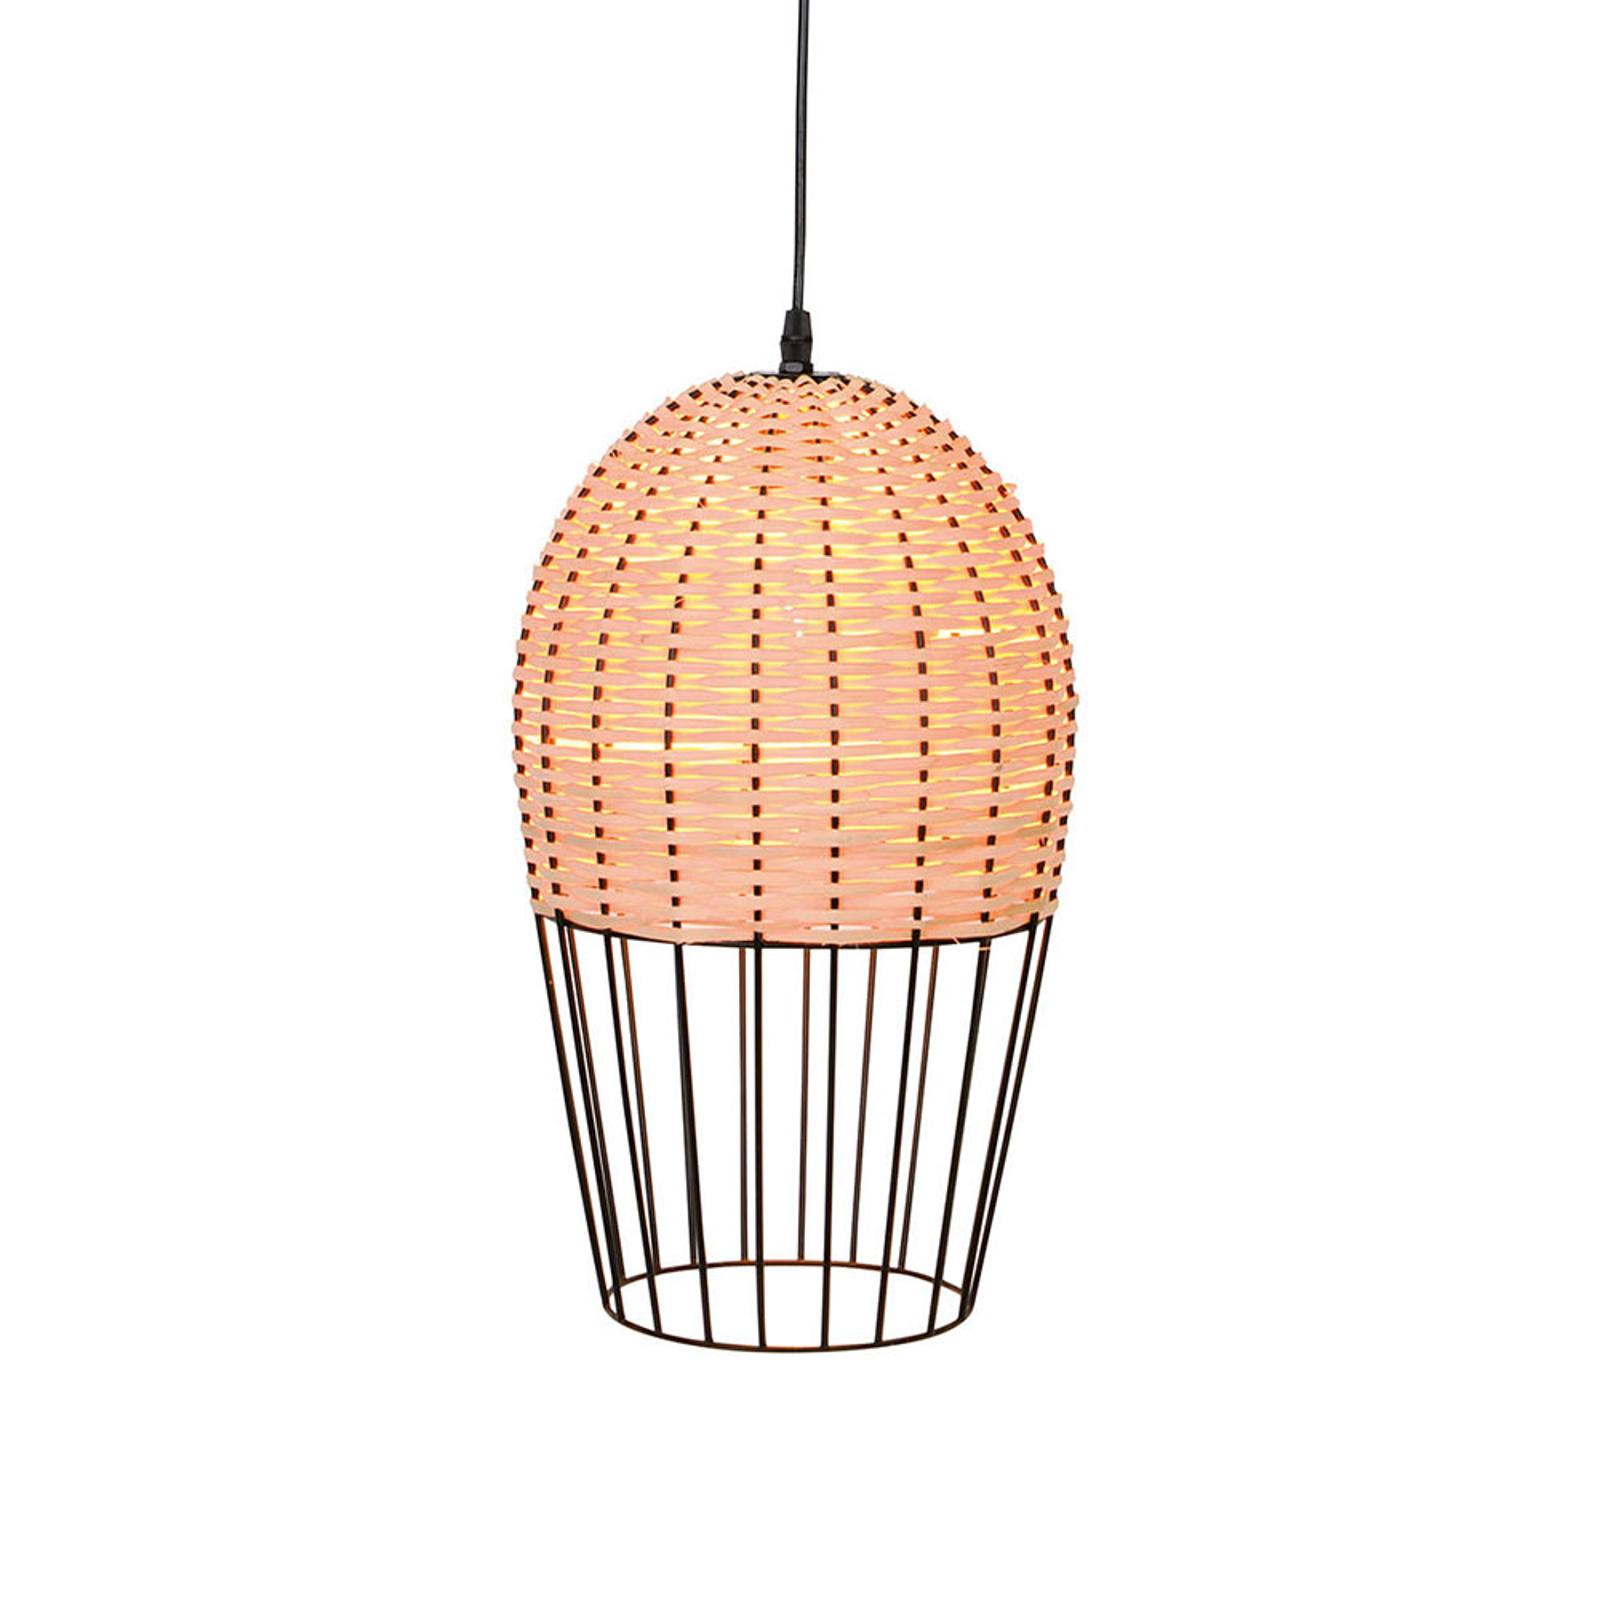 Acquista Lampada a sospensione Dizzi di legno e metallo